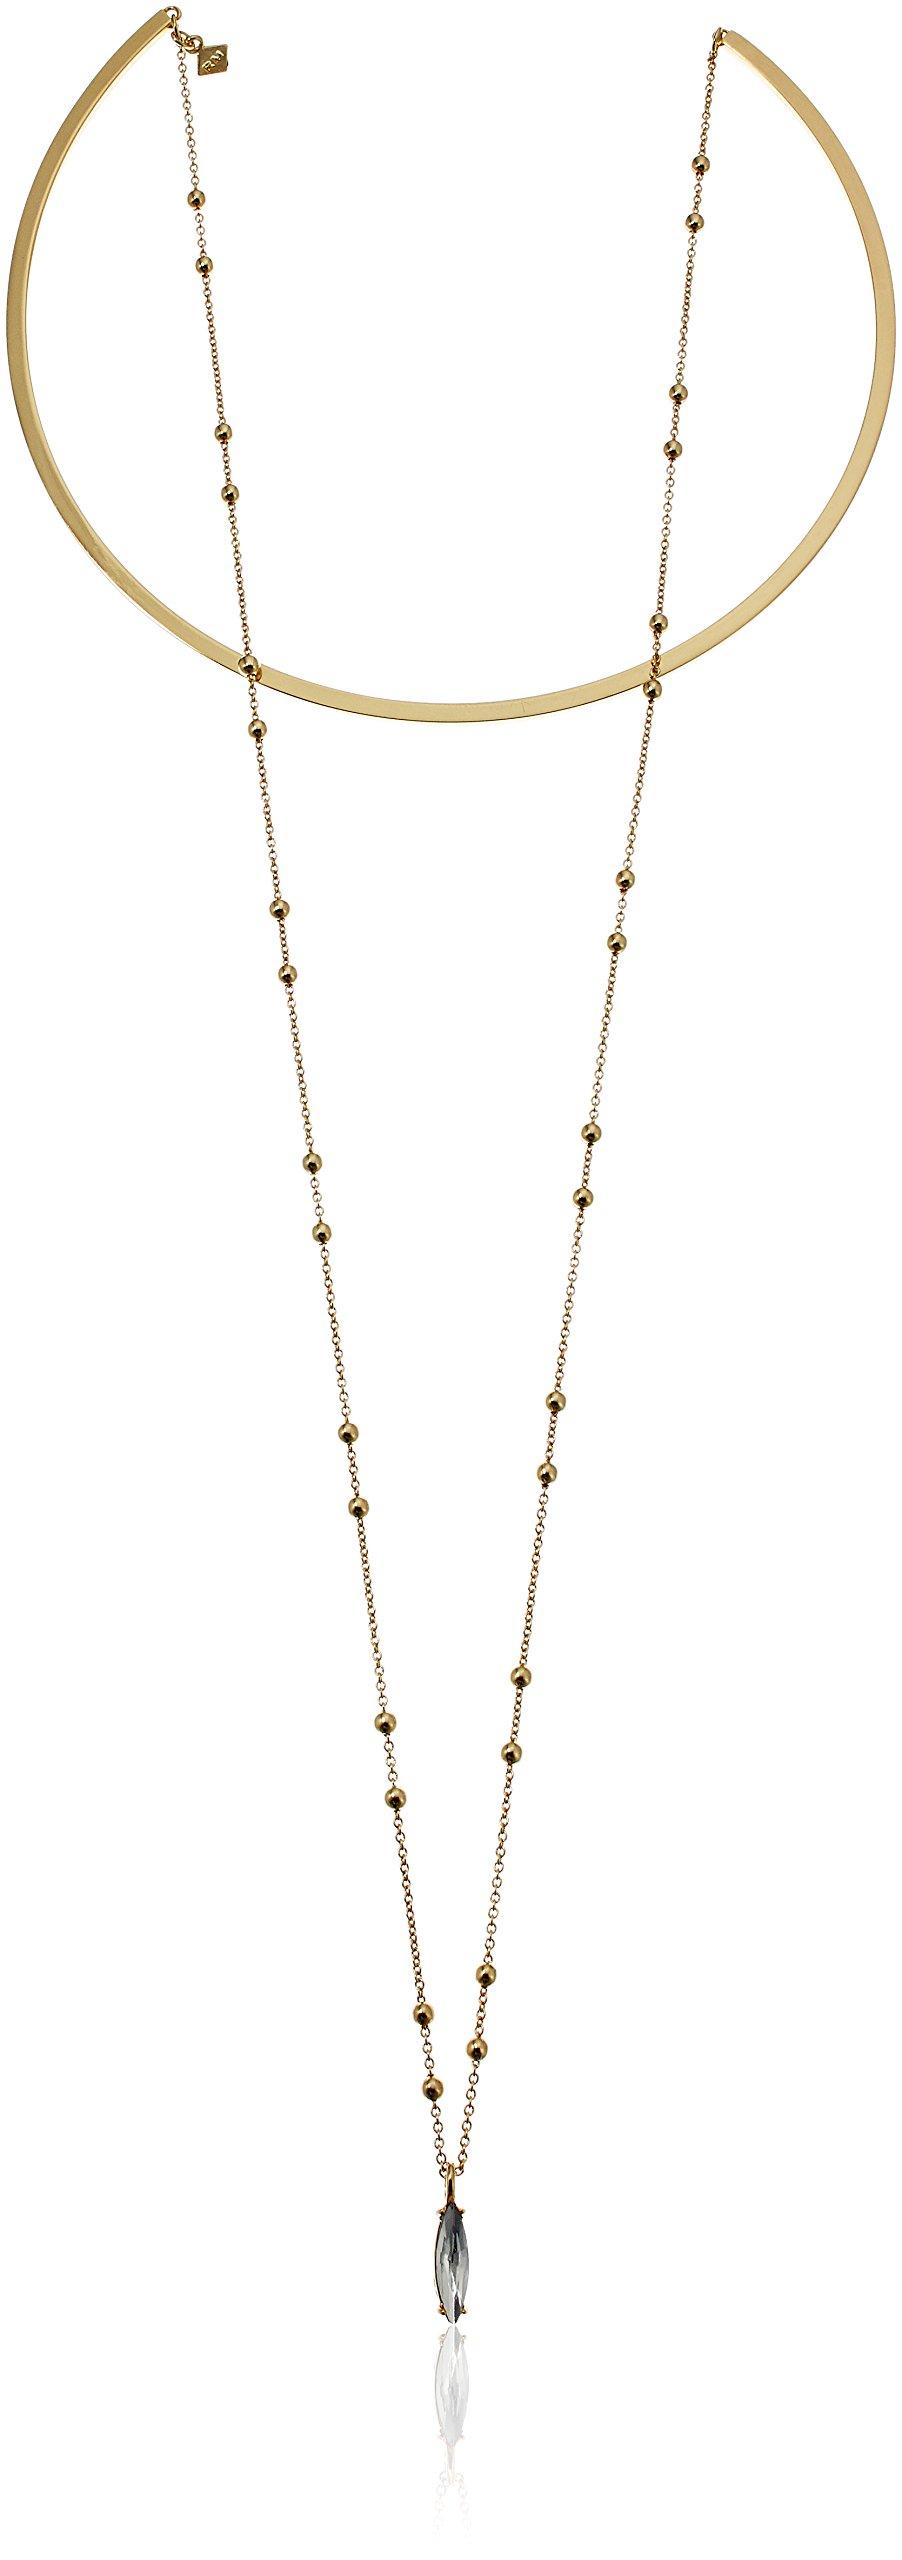 Rebecca Minkoff Gemini Gold Collar Necklace